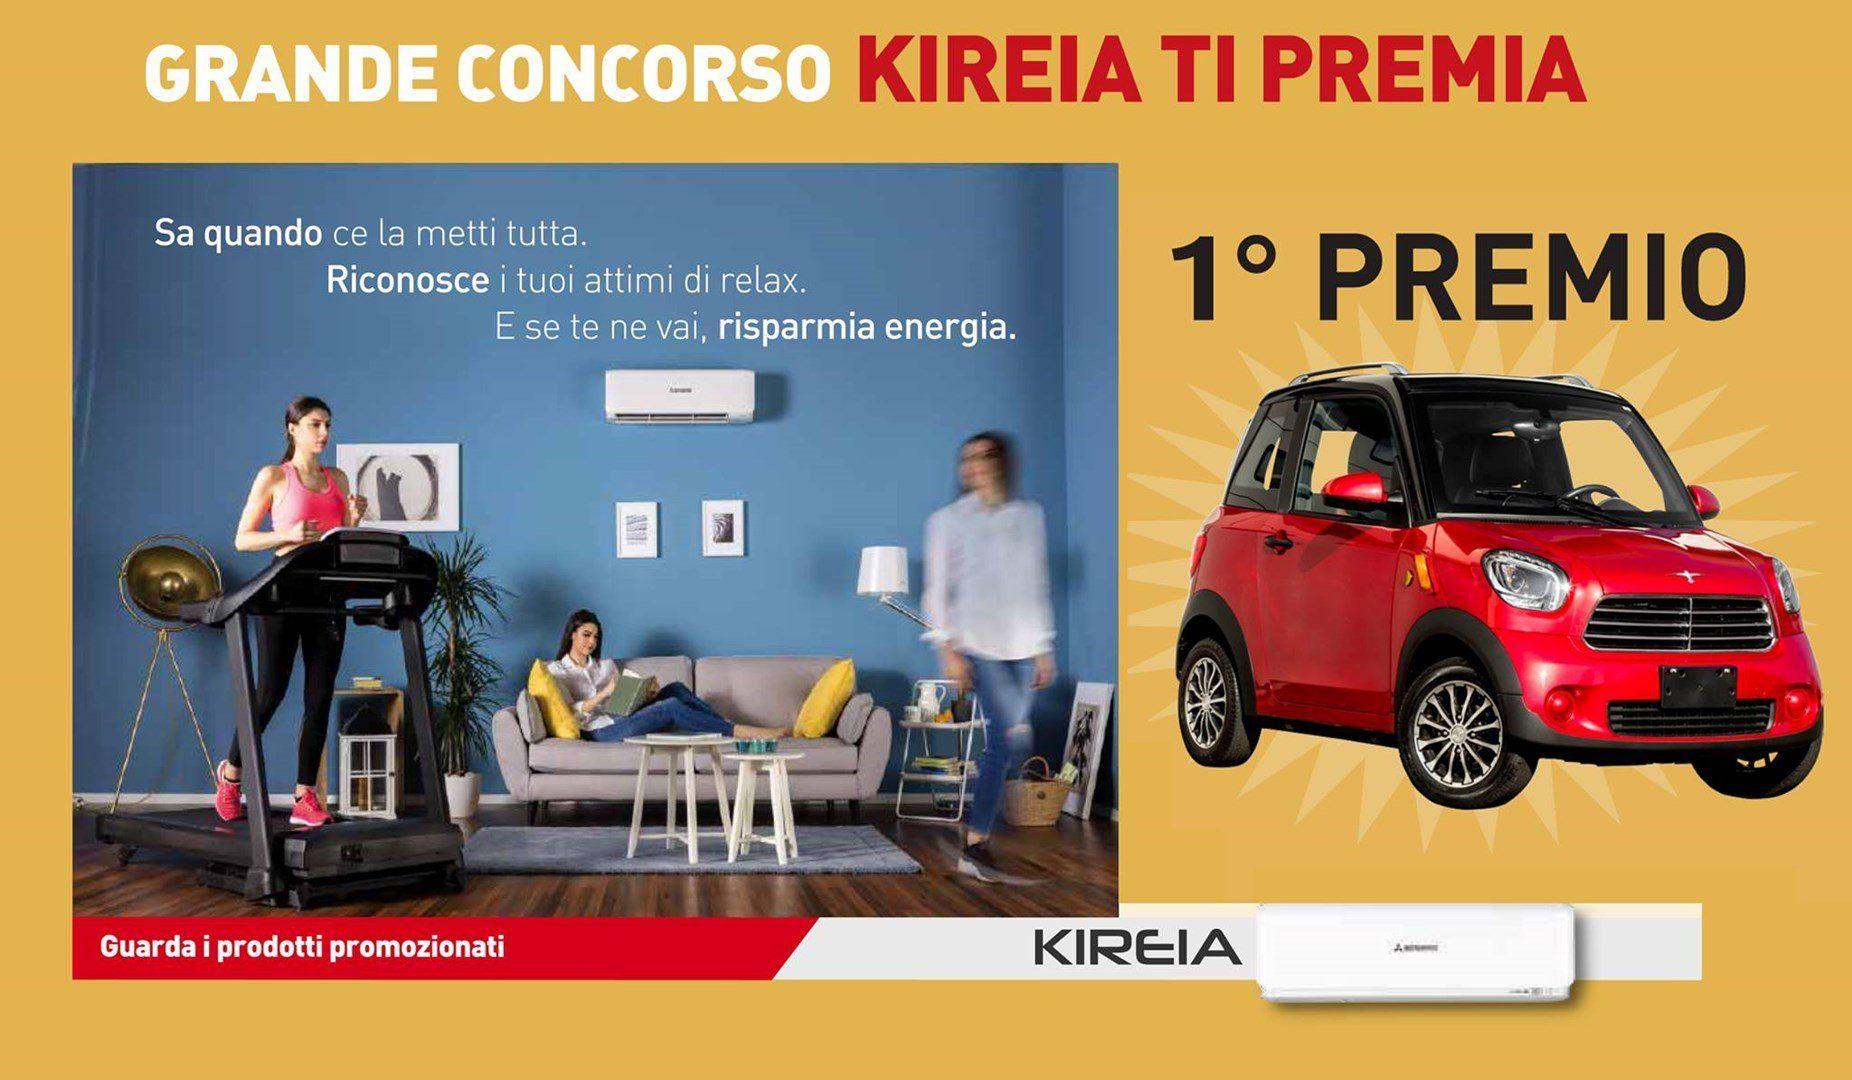 Grande Concorso KIREIA ti premia: 1° premio in palio una minicar elettrica